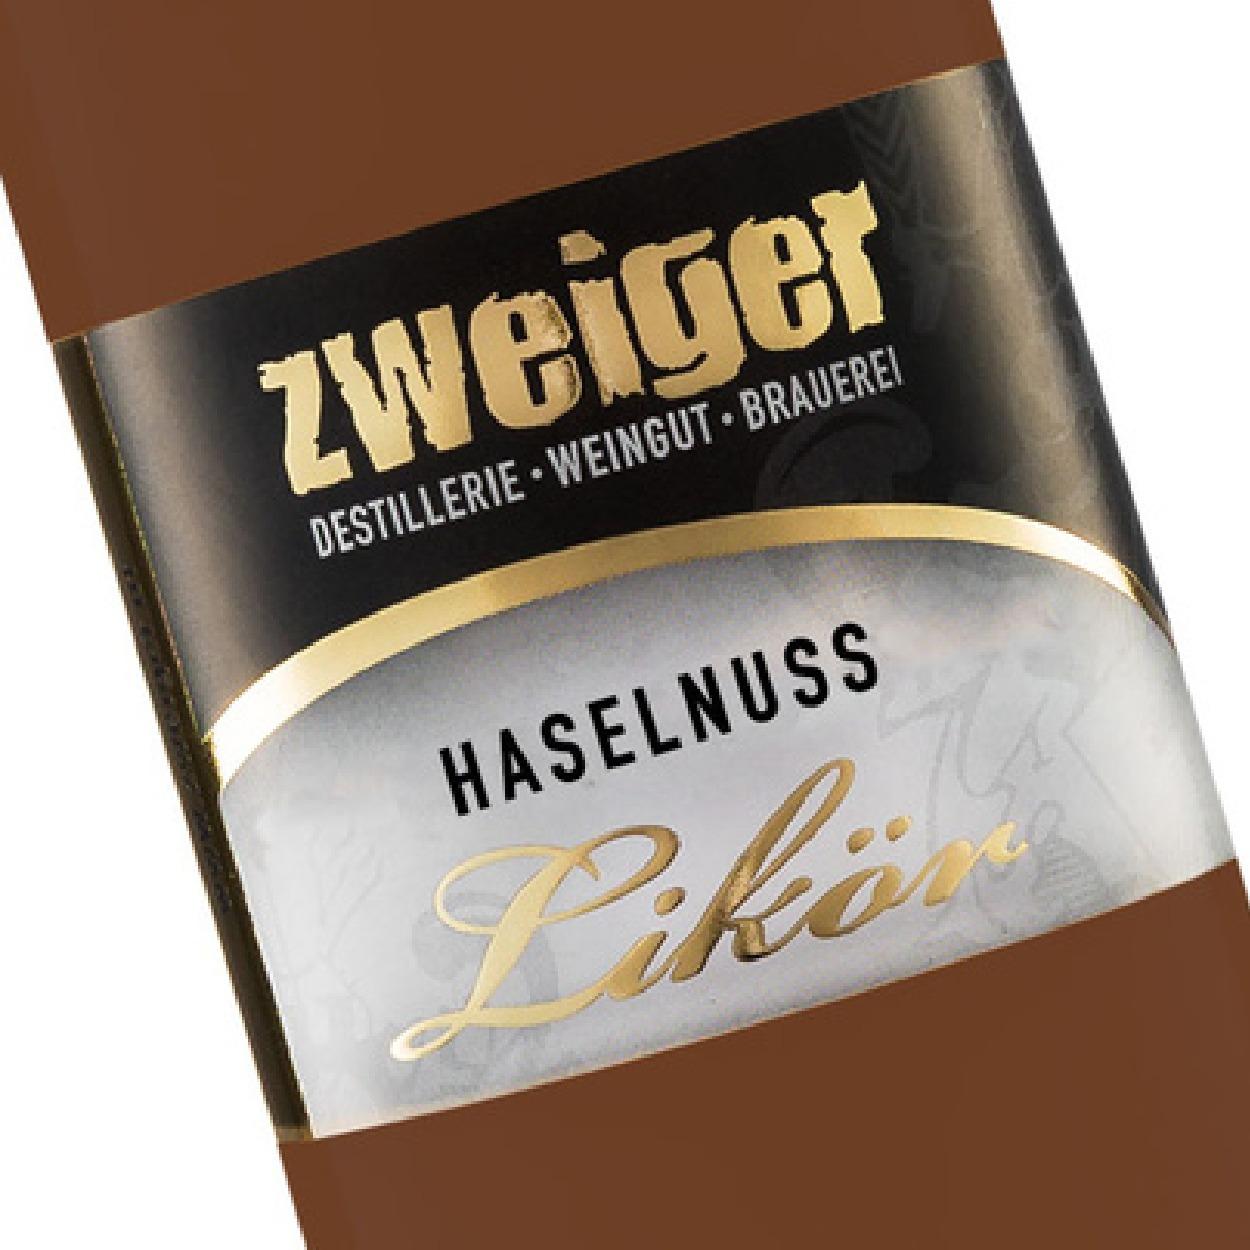 Haselnuss Cremelikör Zweiger Destillerie